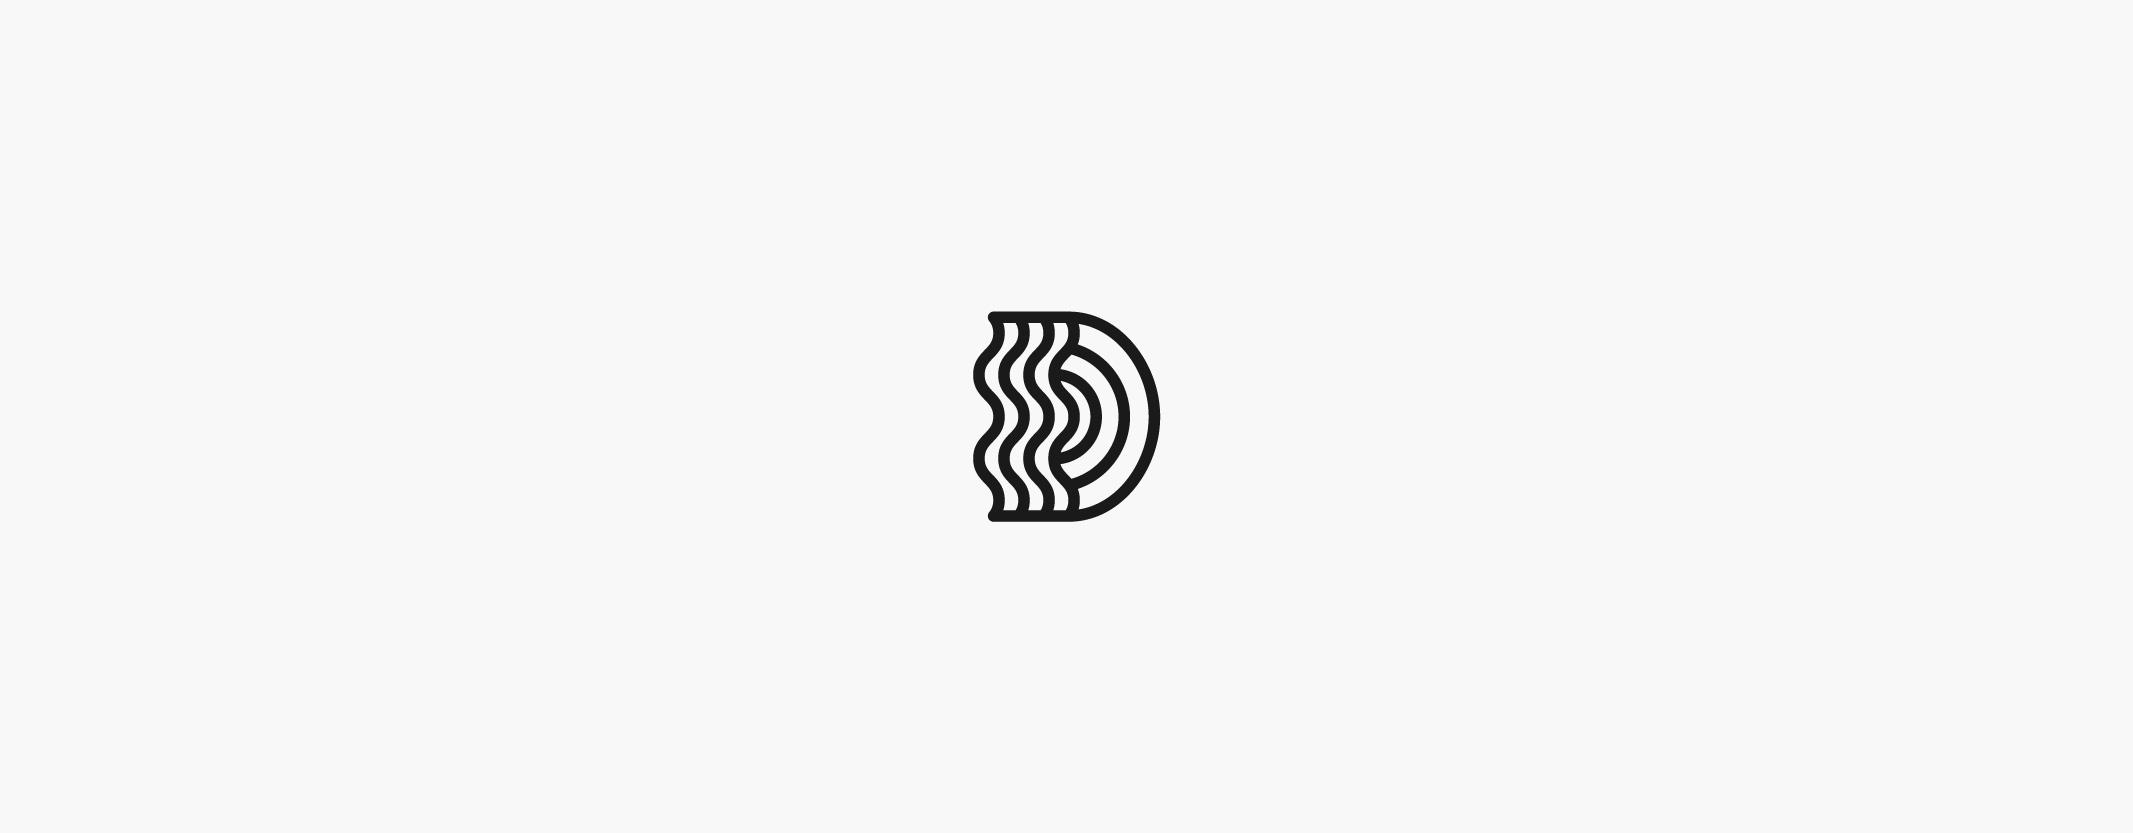 3_logos_wok